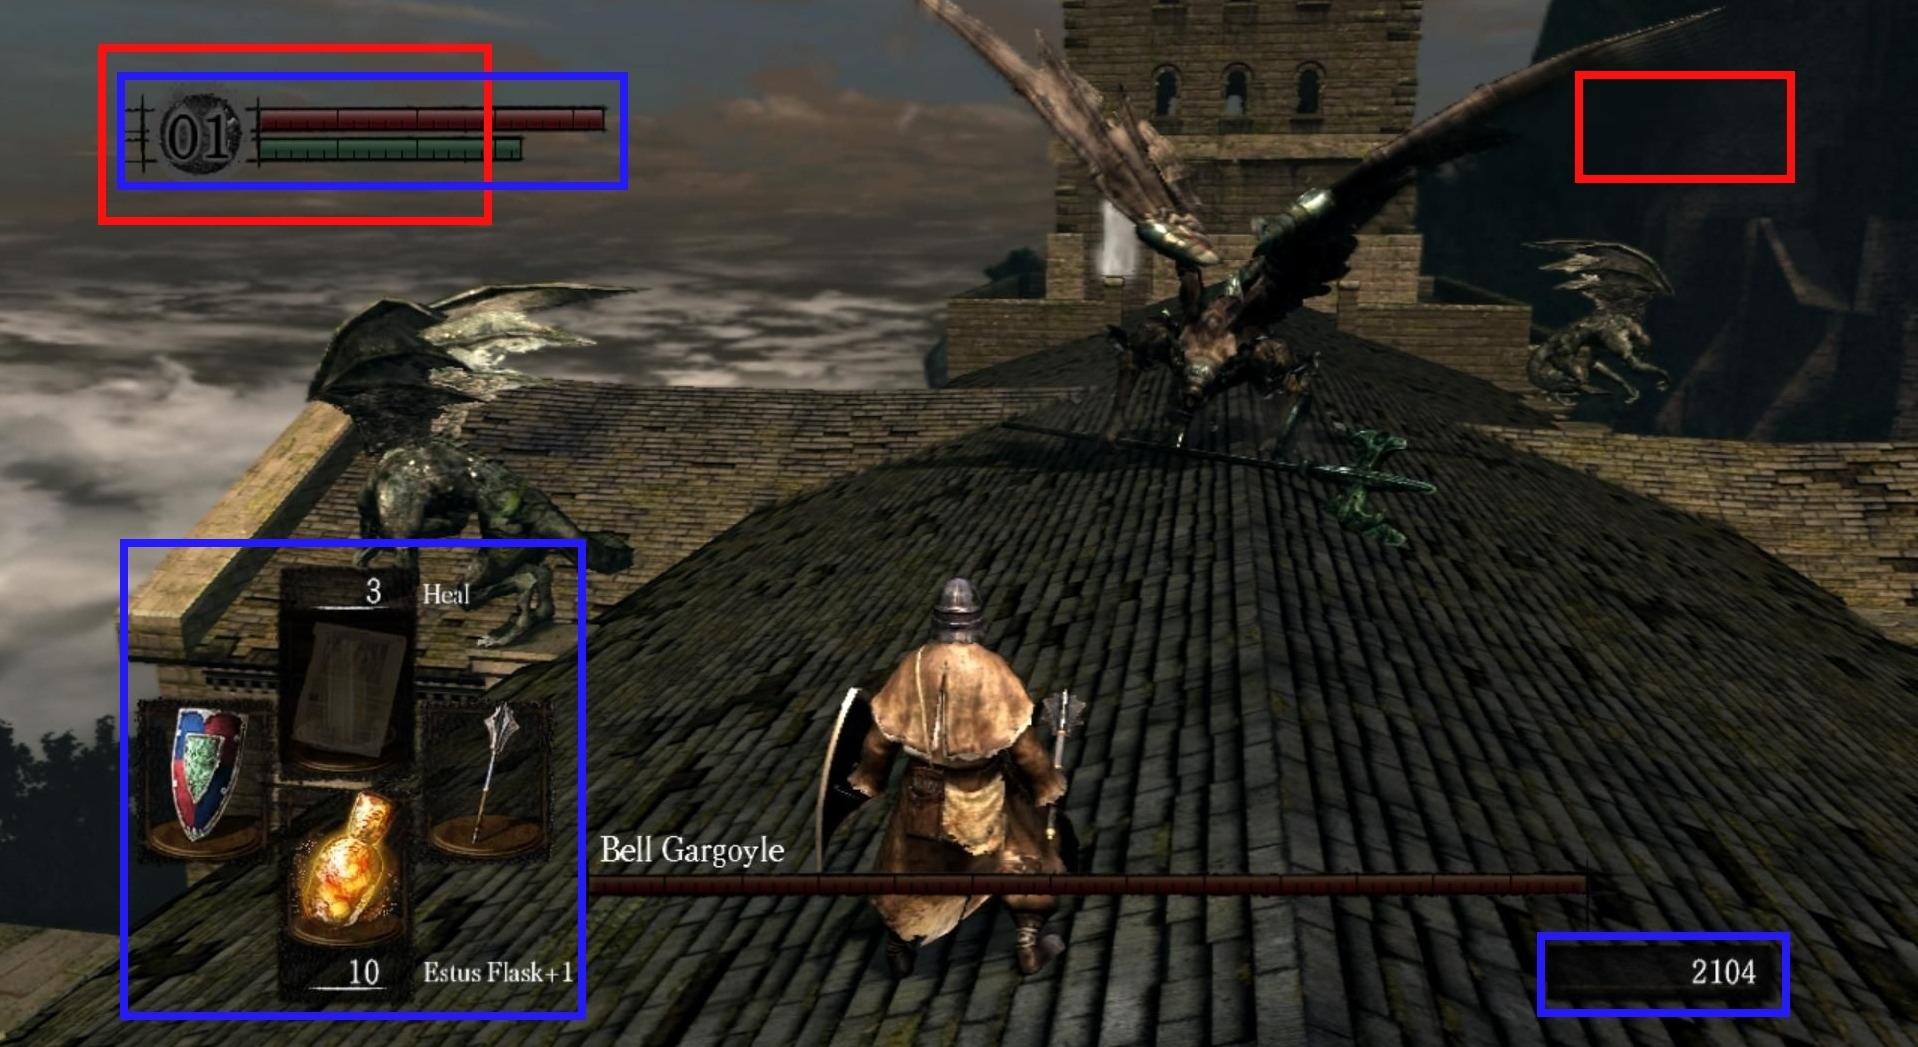 HUD de Dark Souls comparado con el de Bloodborne